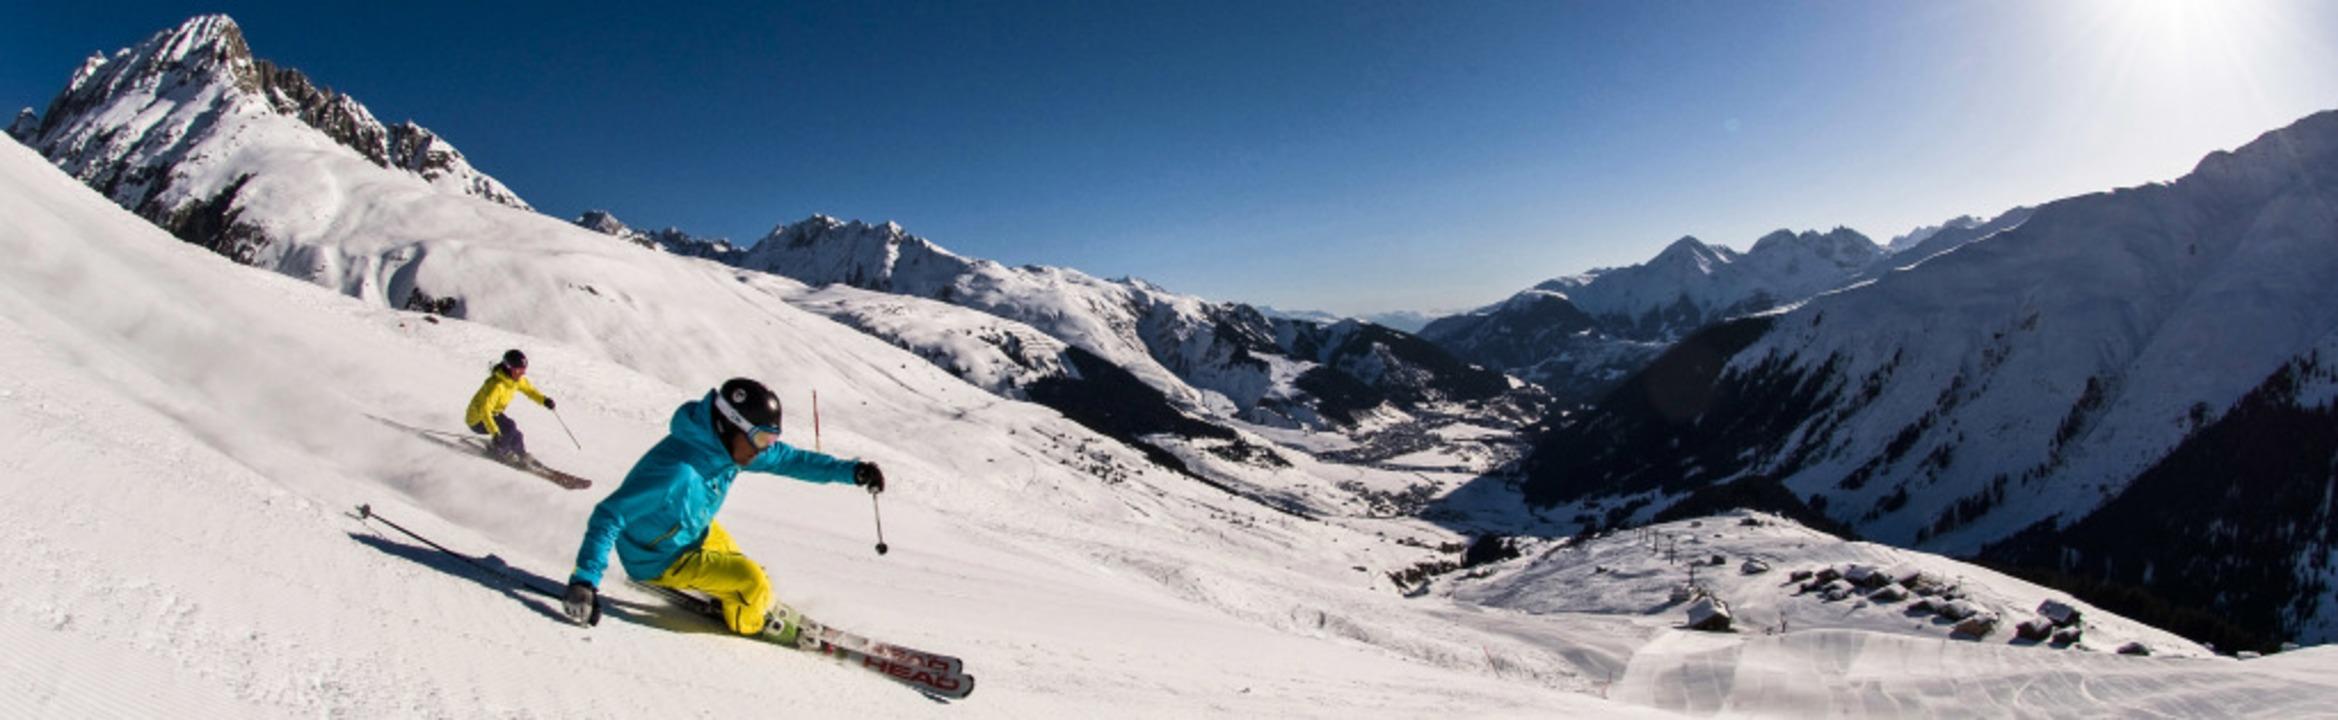 Kein Widerspruch:  Pisten für die brei...ach und nach ein riesiges Skigebiet.    | Foto: Disentis Tourismus, Orascom, B. Krieger (dpa)